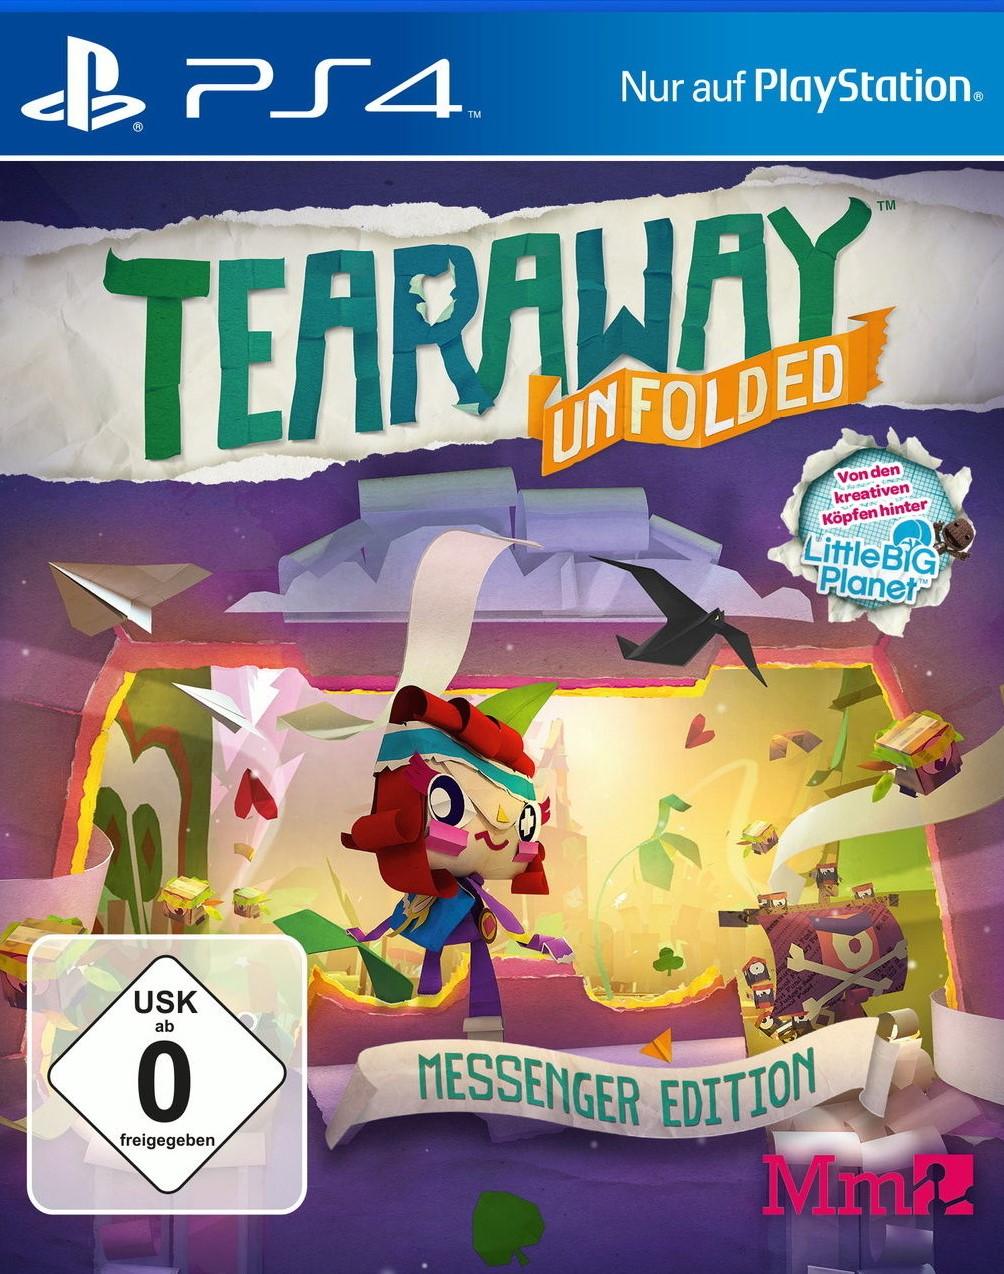 Tearaway Unfolded Messenger Edition - PlayStation 4 Játékok